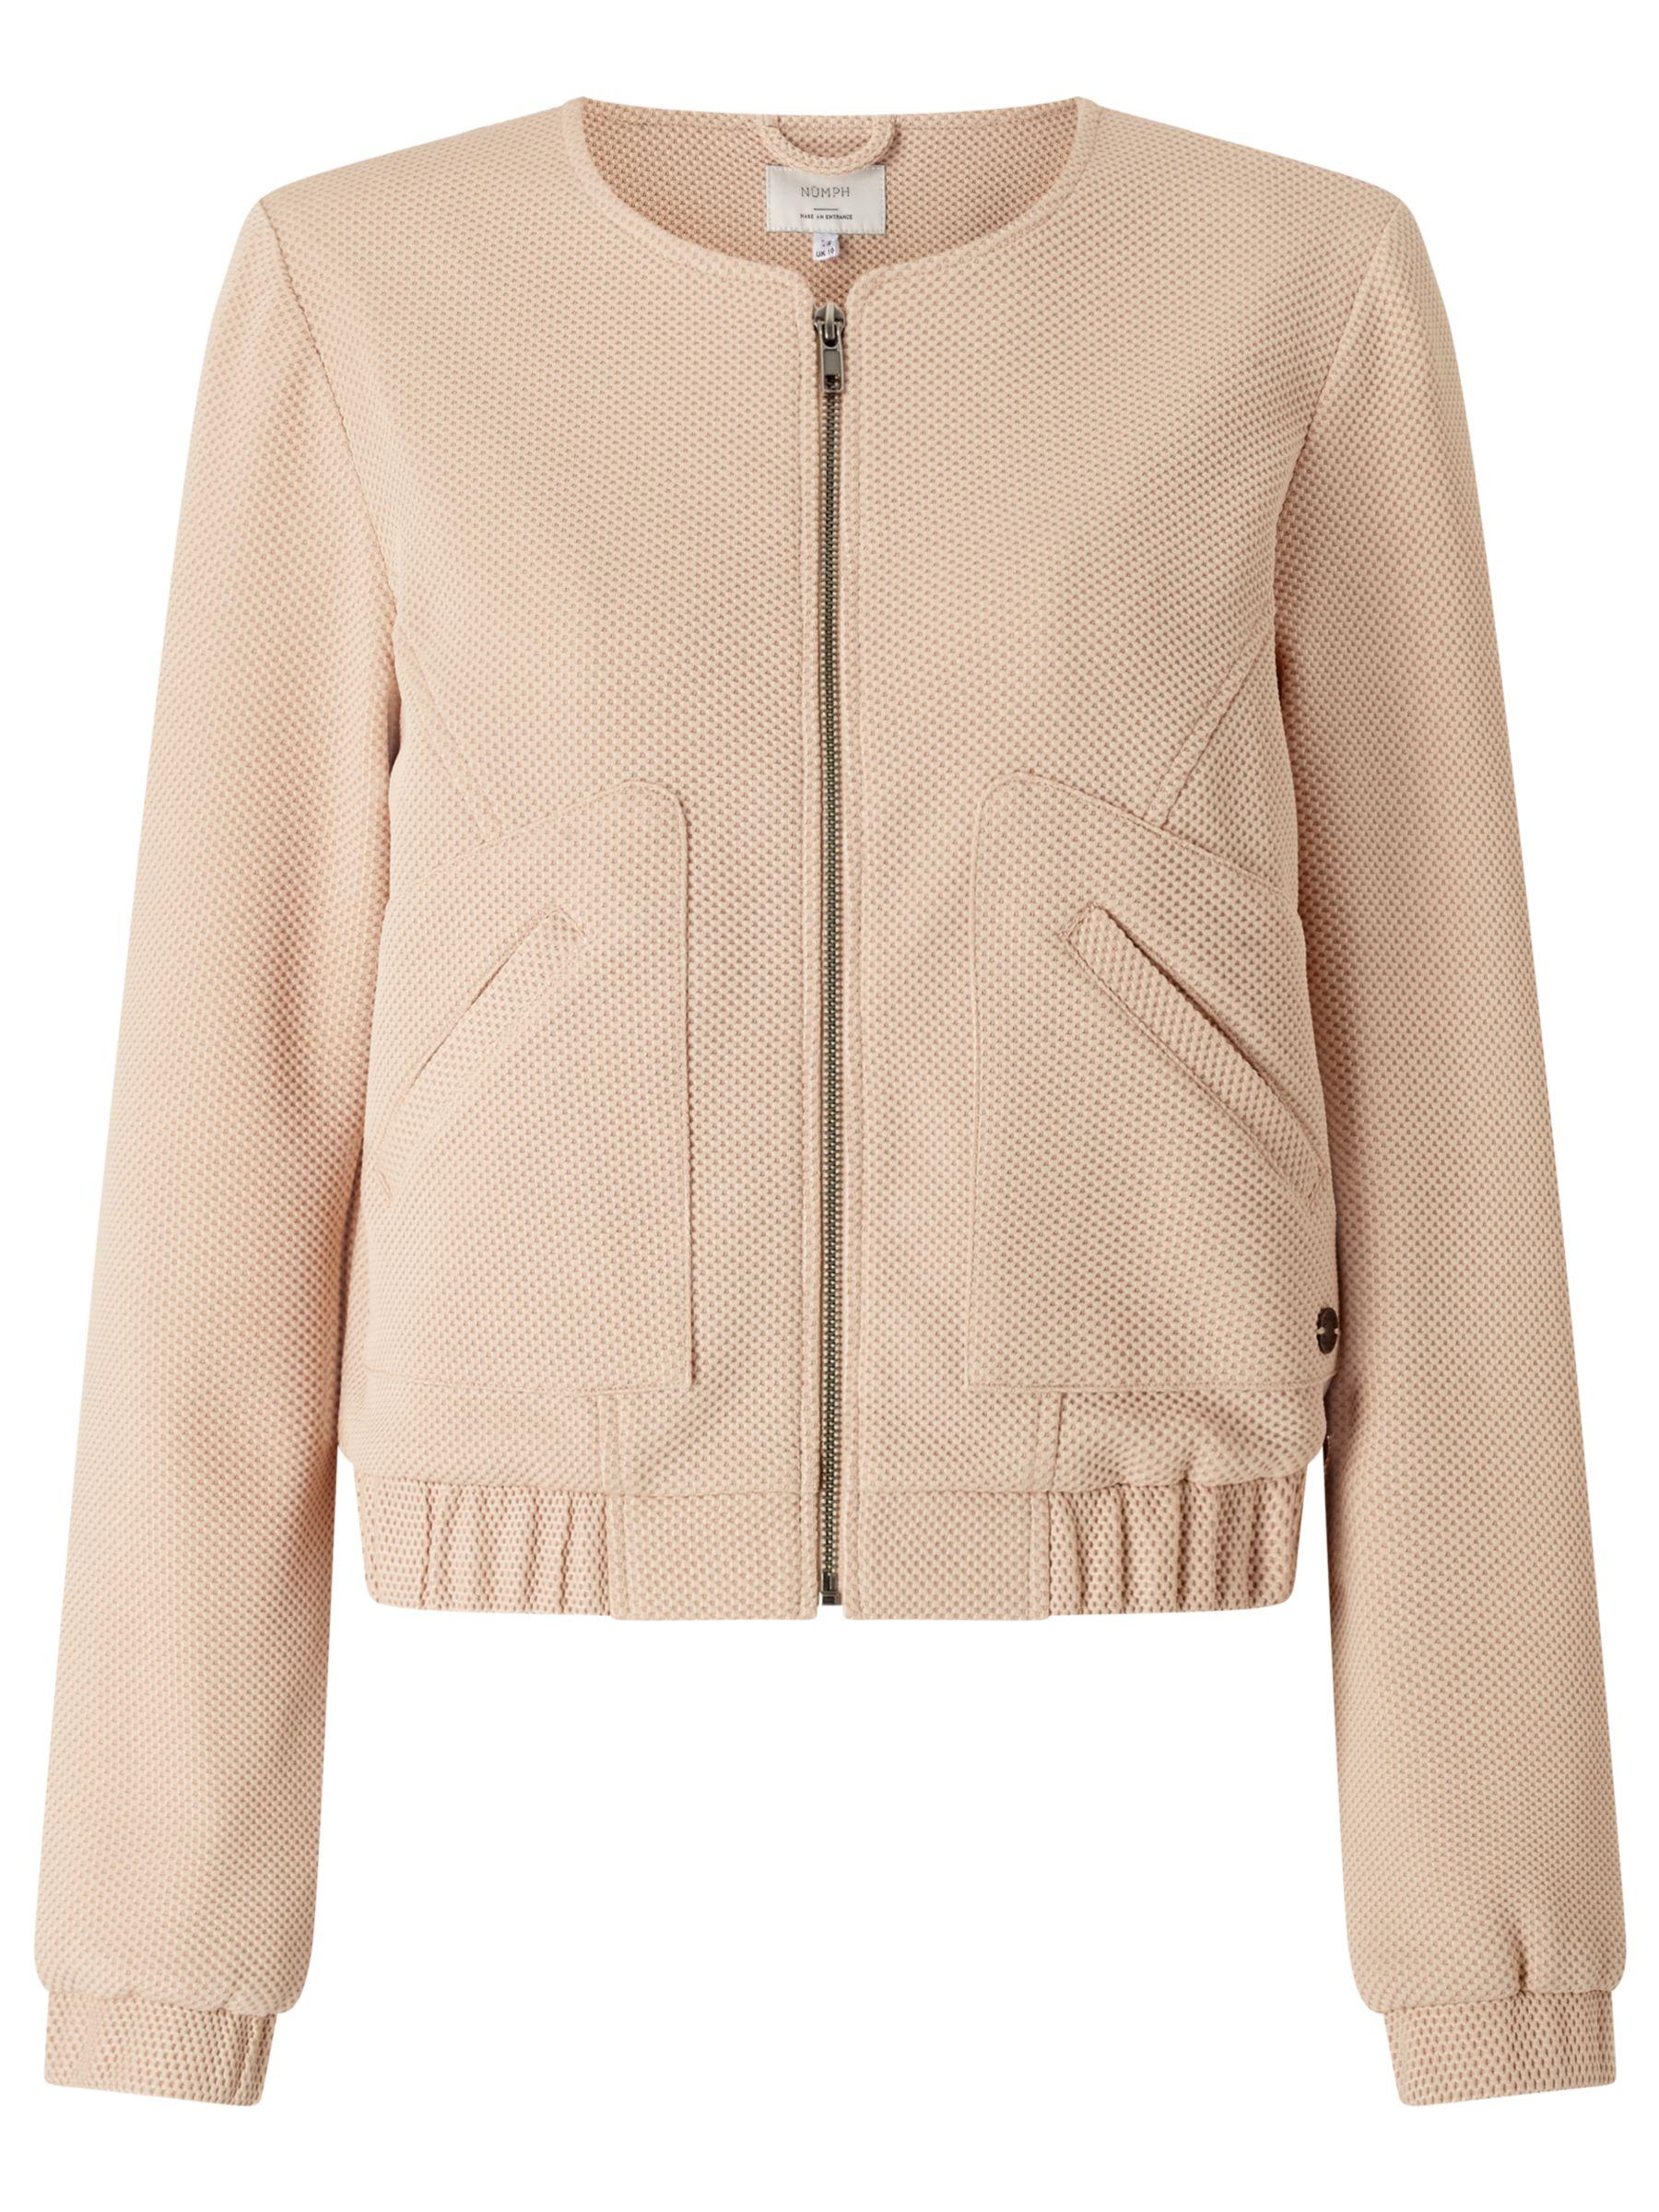 Numph Numph Jarla Textured Bomber Jacket, Pink